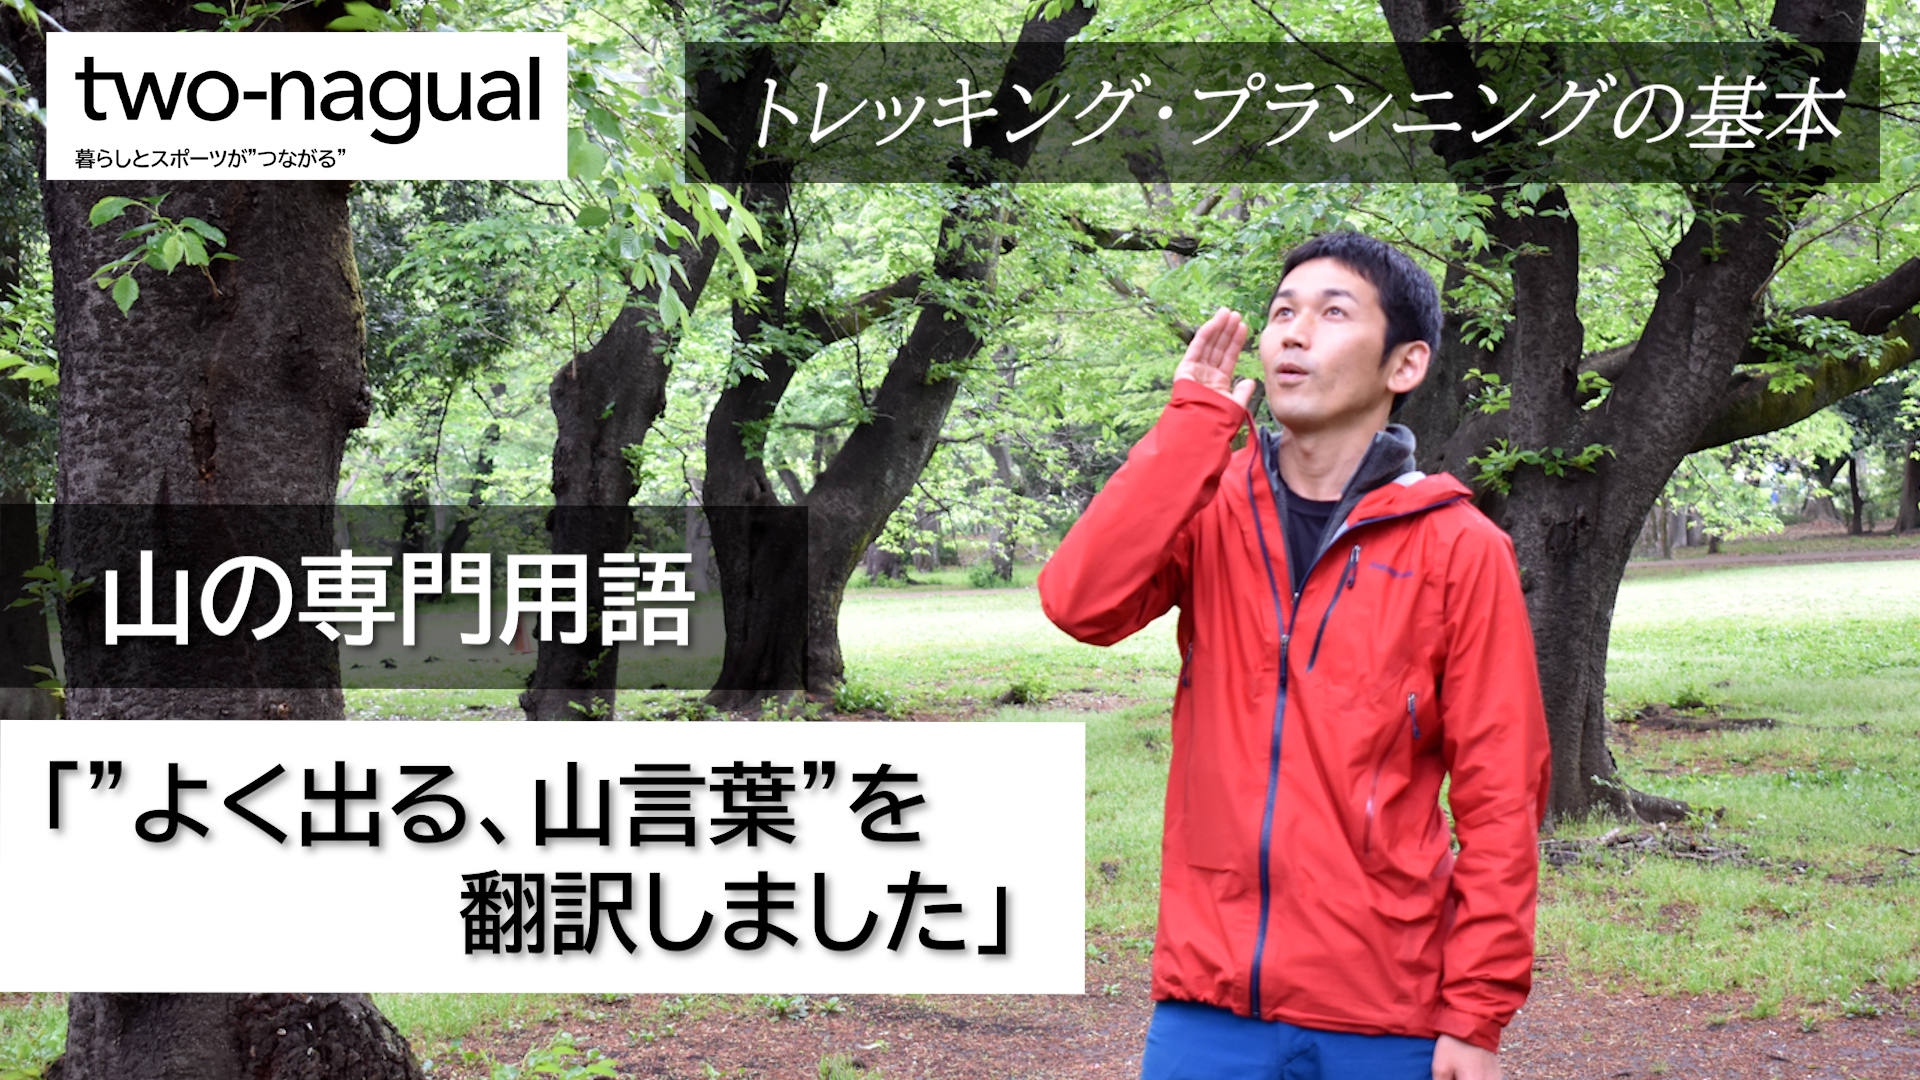 """<small>【two-nagual トレッキング プランニングの基本】</small><br />山の専門用語<br />「""""よく出る、山言葉""""を、翻訳しました」"""